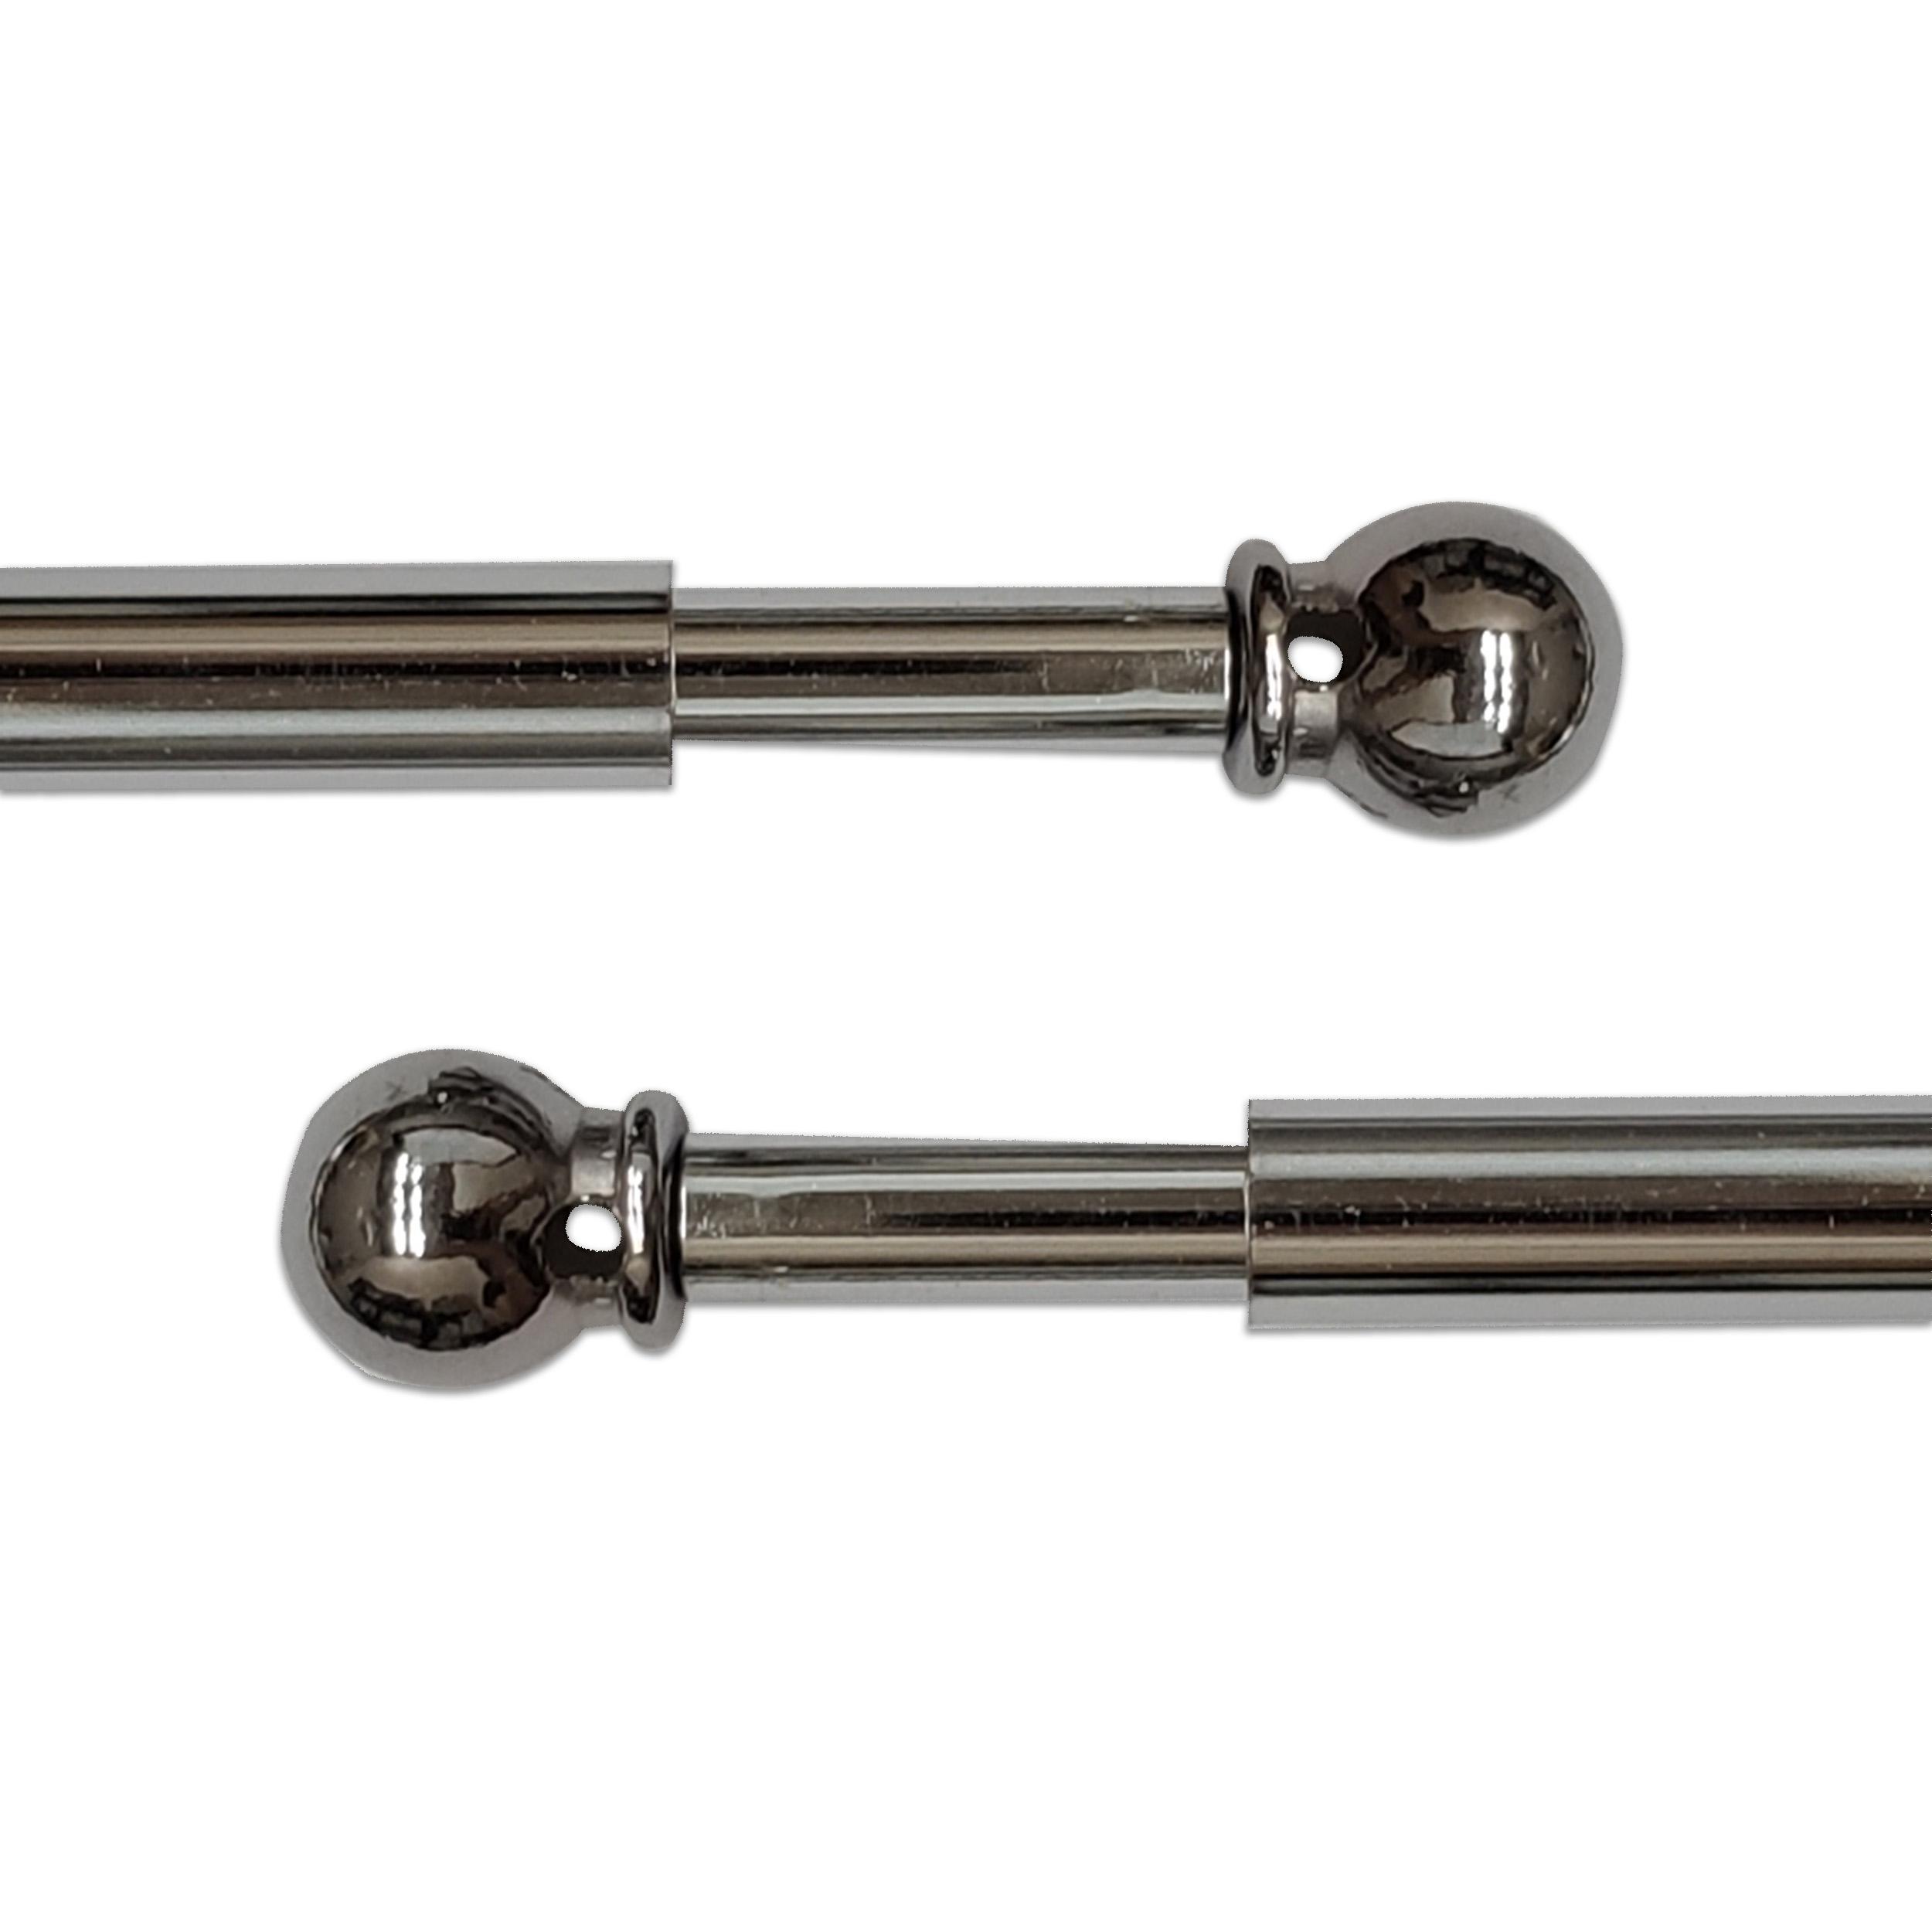 Bacchette Estensibili Doppie a Vetro - Diametro 8 mm